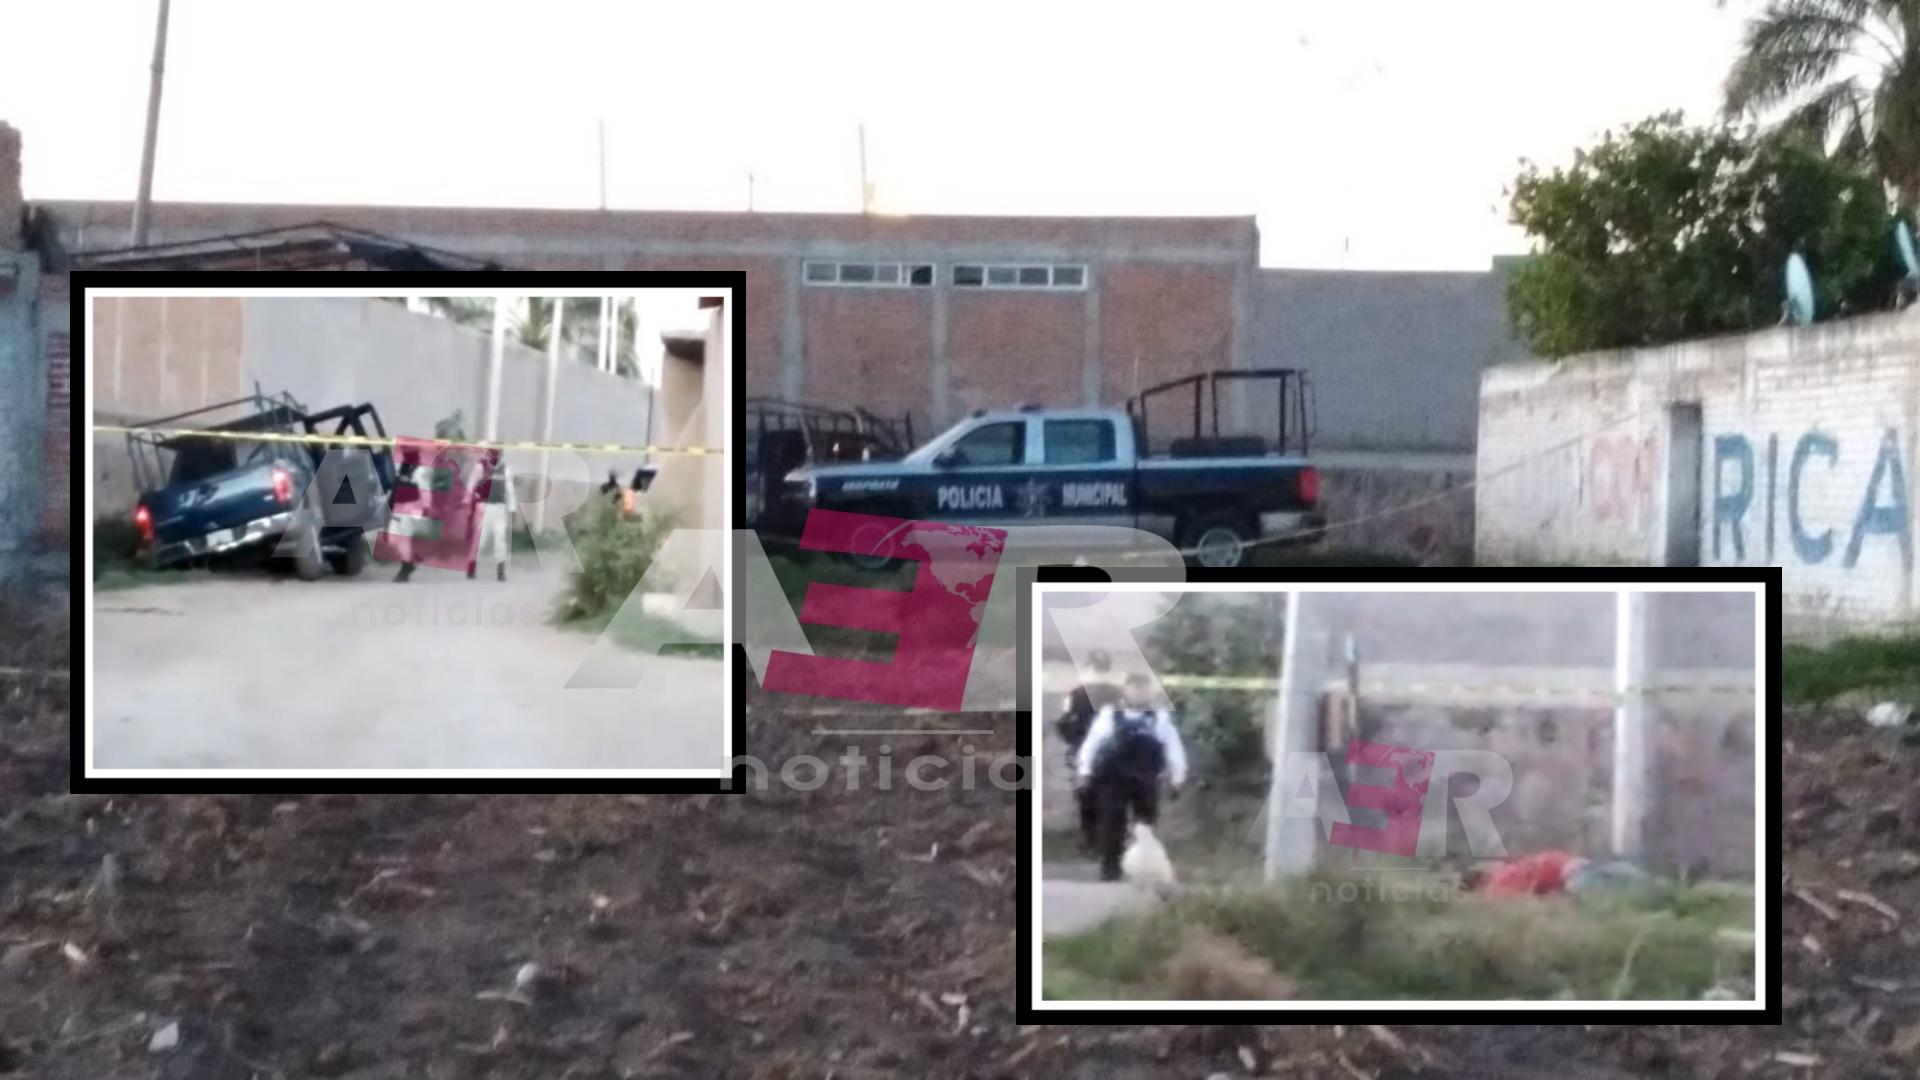 Matan a padre y a su hijo de 10 años en El Carrizalito, otro hombre resultó lesionado. 9